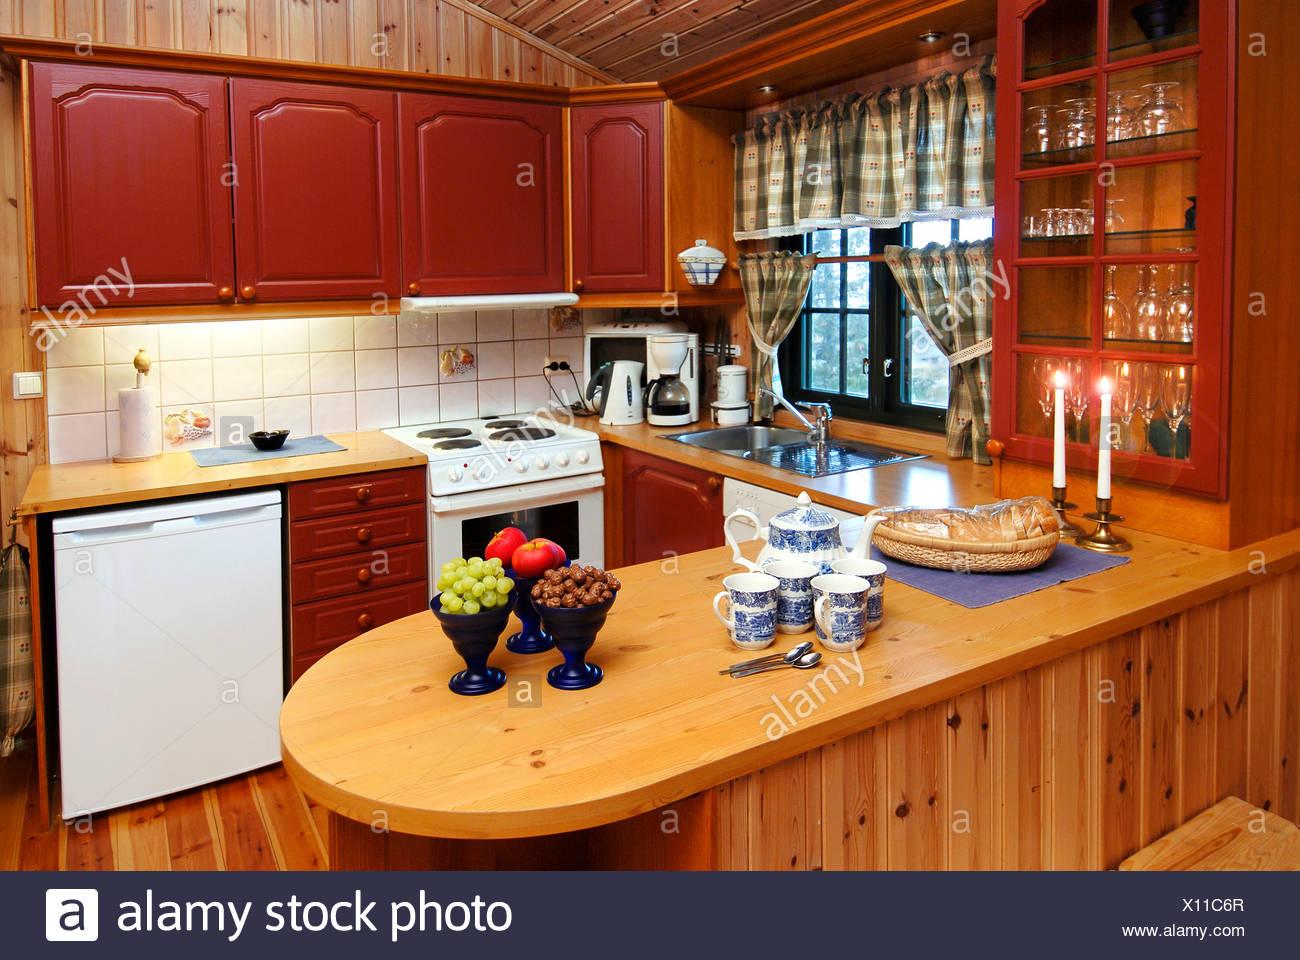 Cucine Con Bancone In Legno : Vista del bancone in legno marrone con armadi in cucina a casa foto